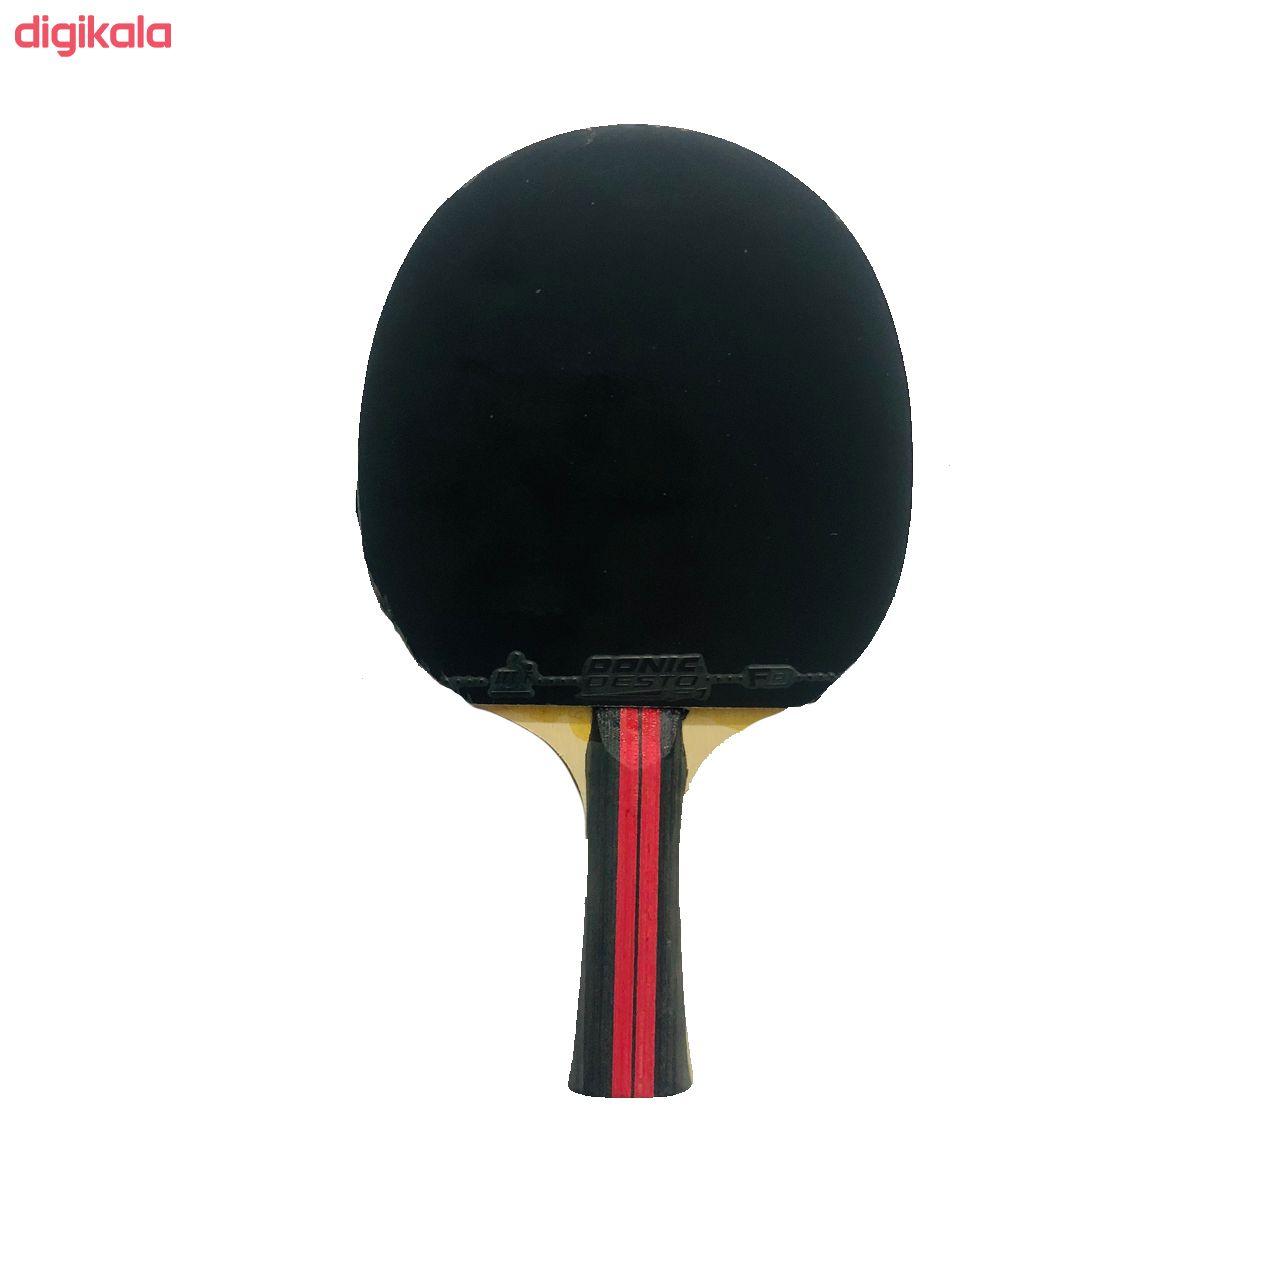 راکت پینگ پنگ دونیک مدل 11 main 1 3